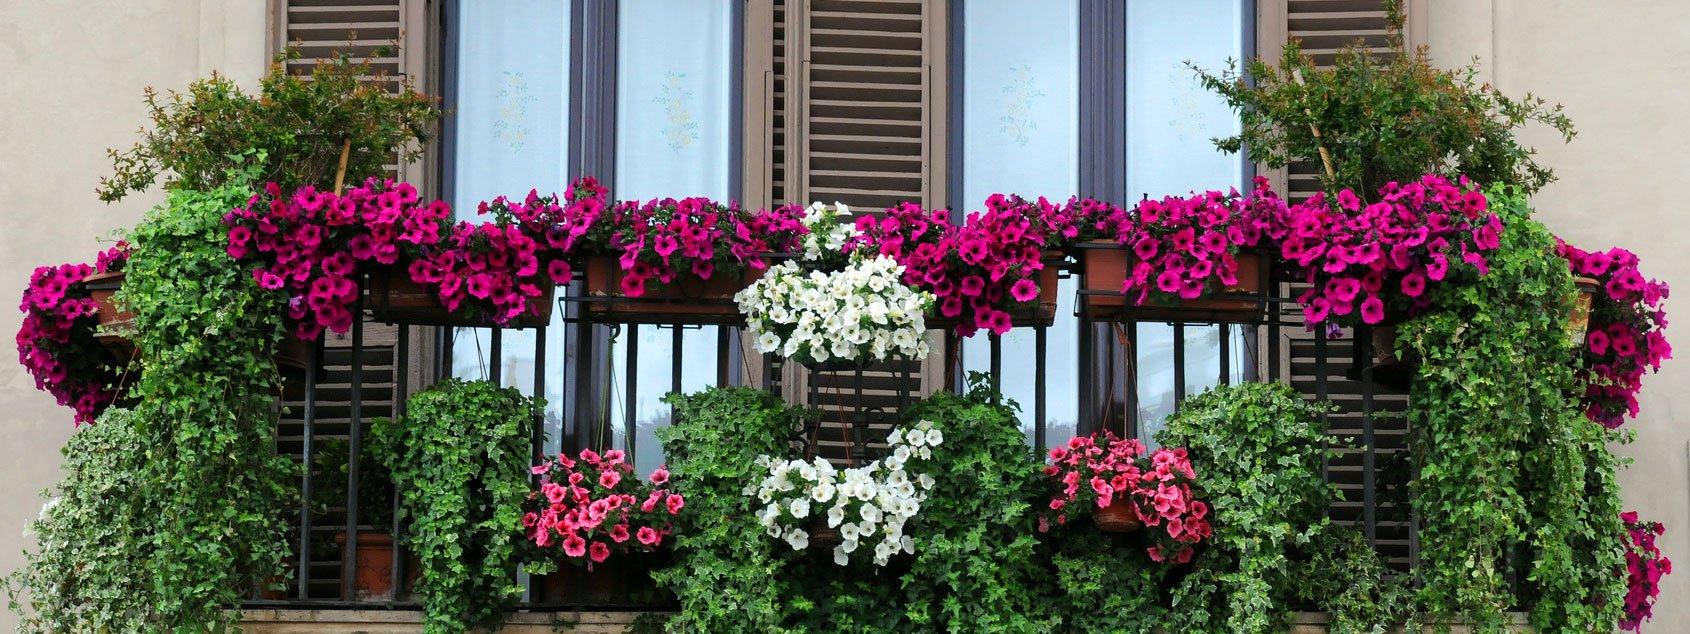 L Impianto Di Irrigazione Automatico Per I Vasi In Balcone